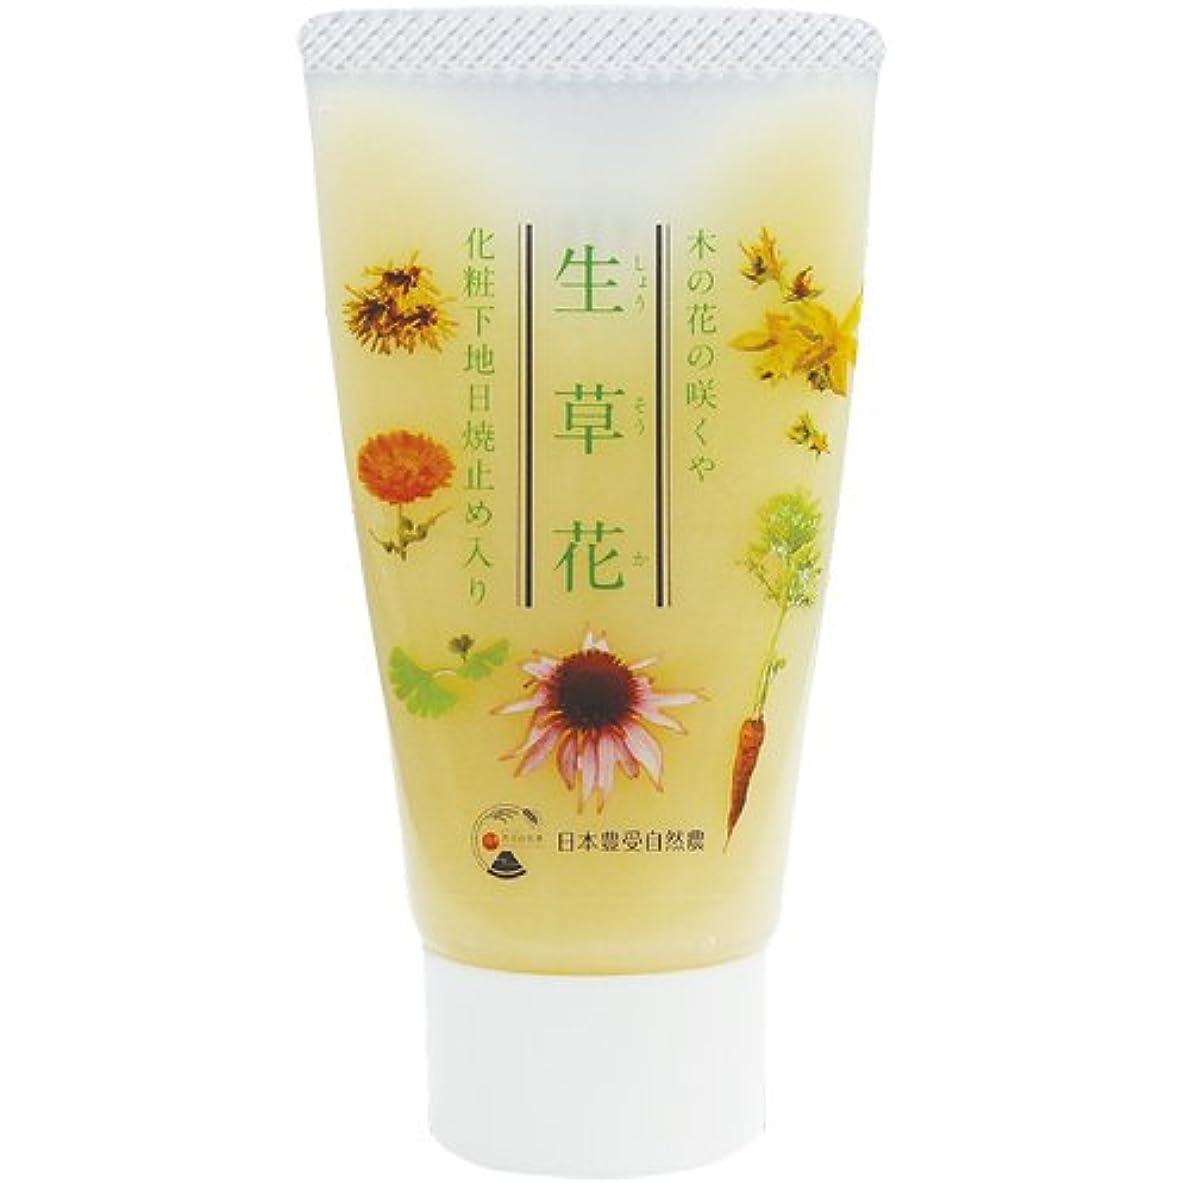 手がかり哲学博士フレット日本豊受自然農 木の花の咲くや 生草花 化粧下地 日焼け止め入り 30g